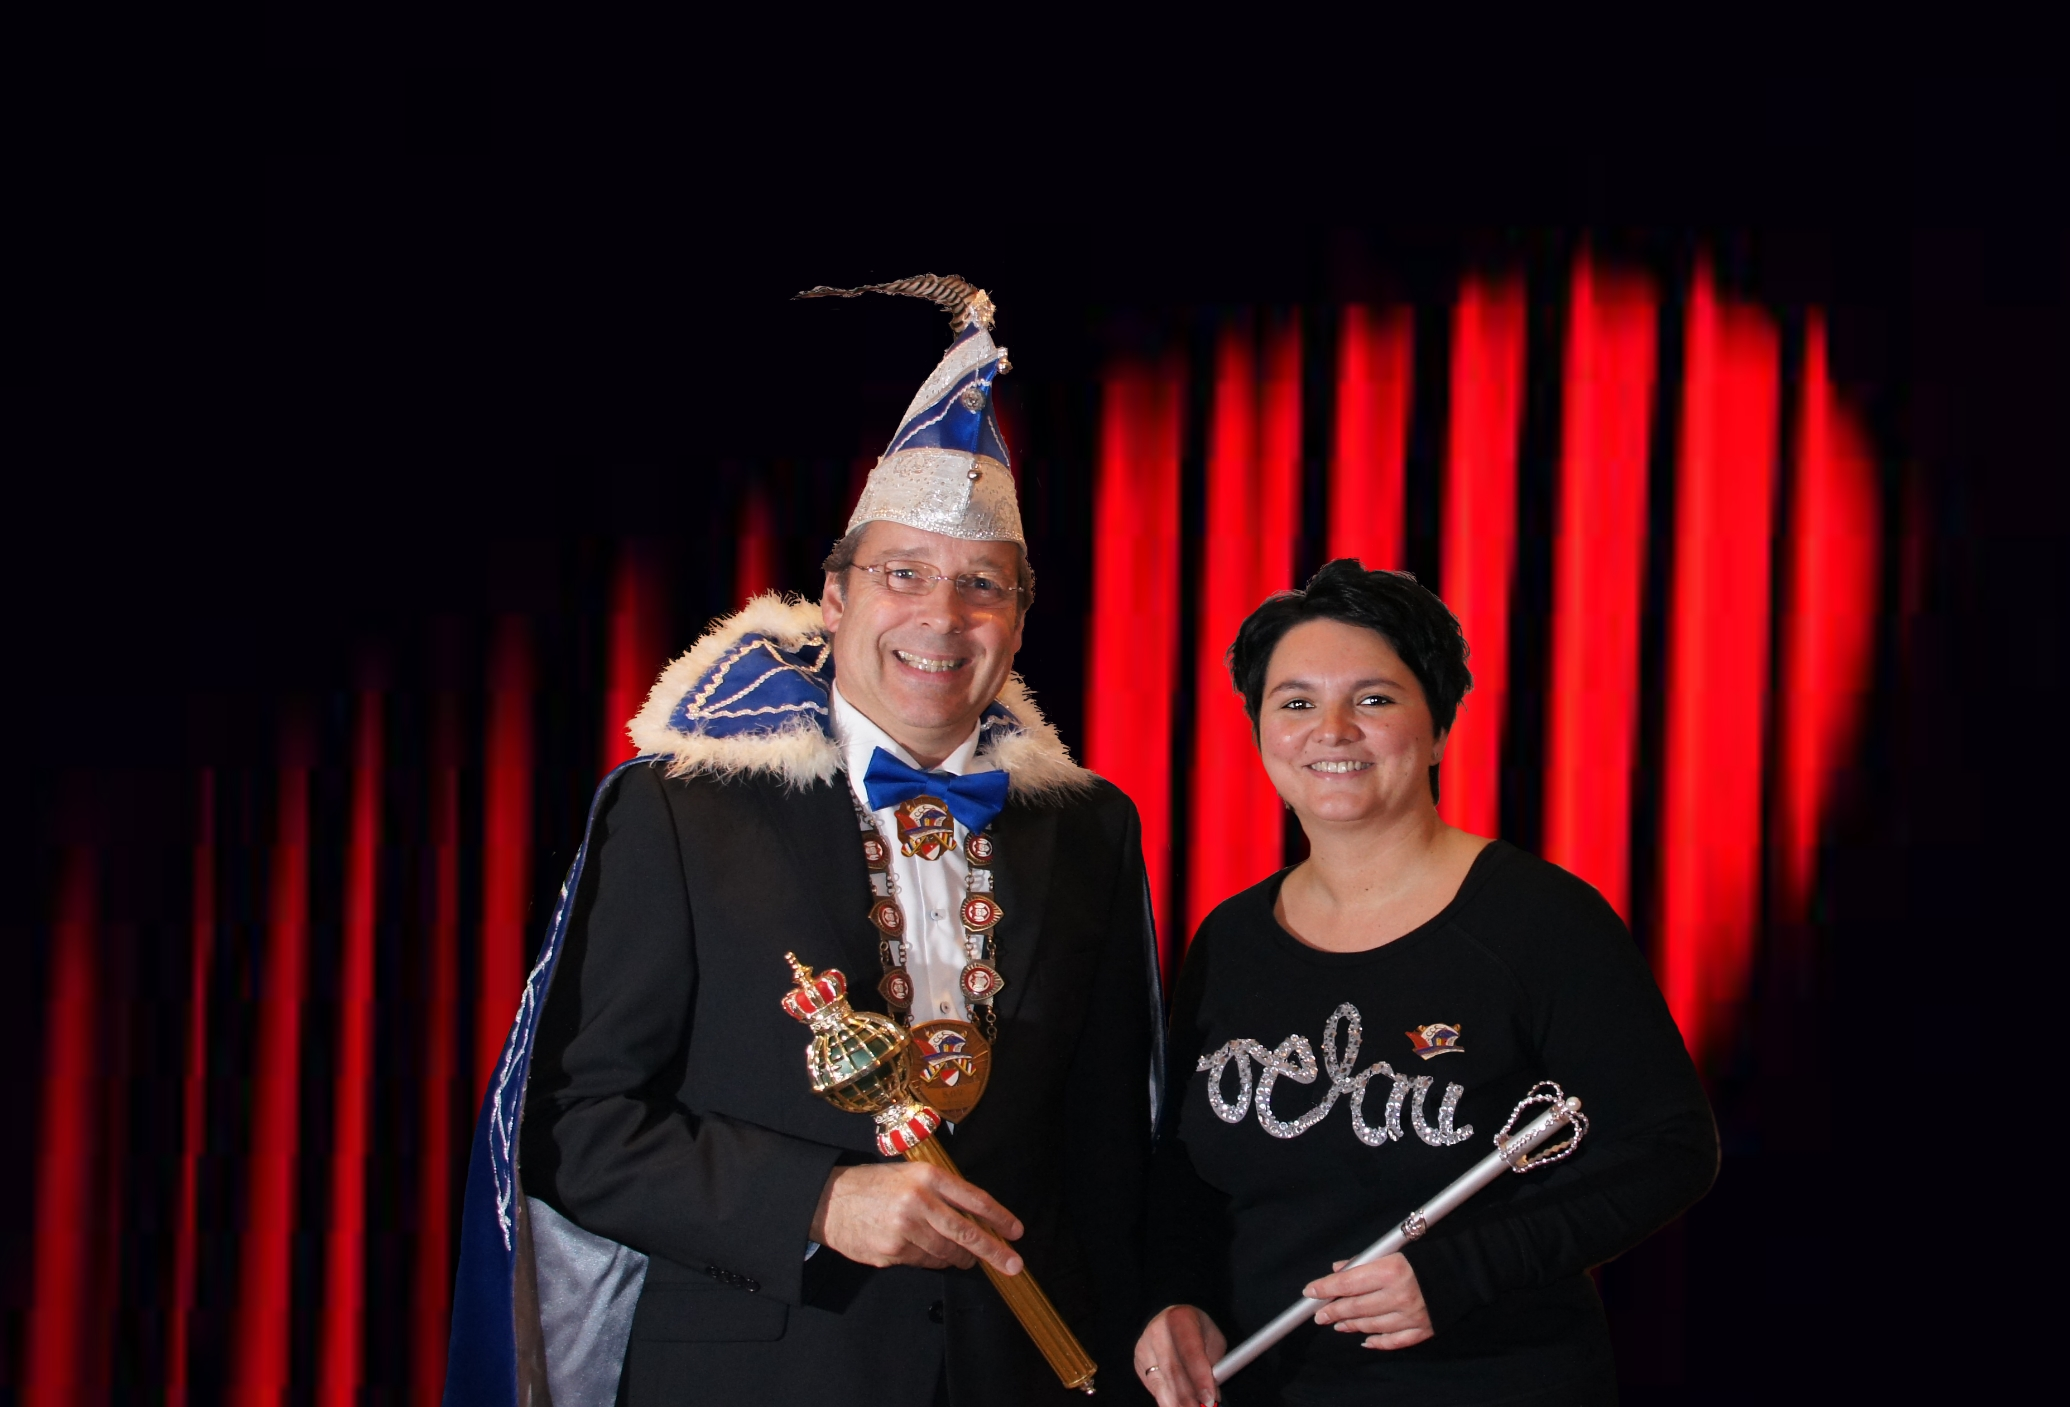 Bild von Wer wird Prinz Karneval 2015/2016 – Prinzenproklamation am Samstag, 14. November